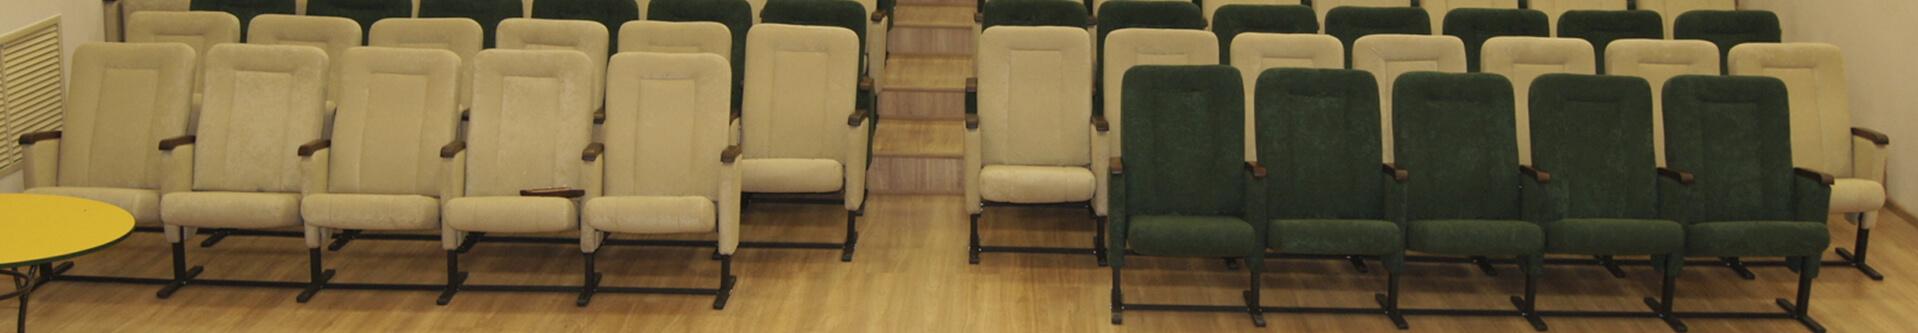 Театральные кресла от производителя